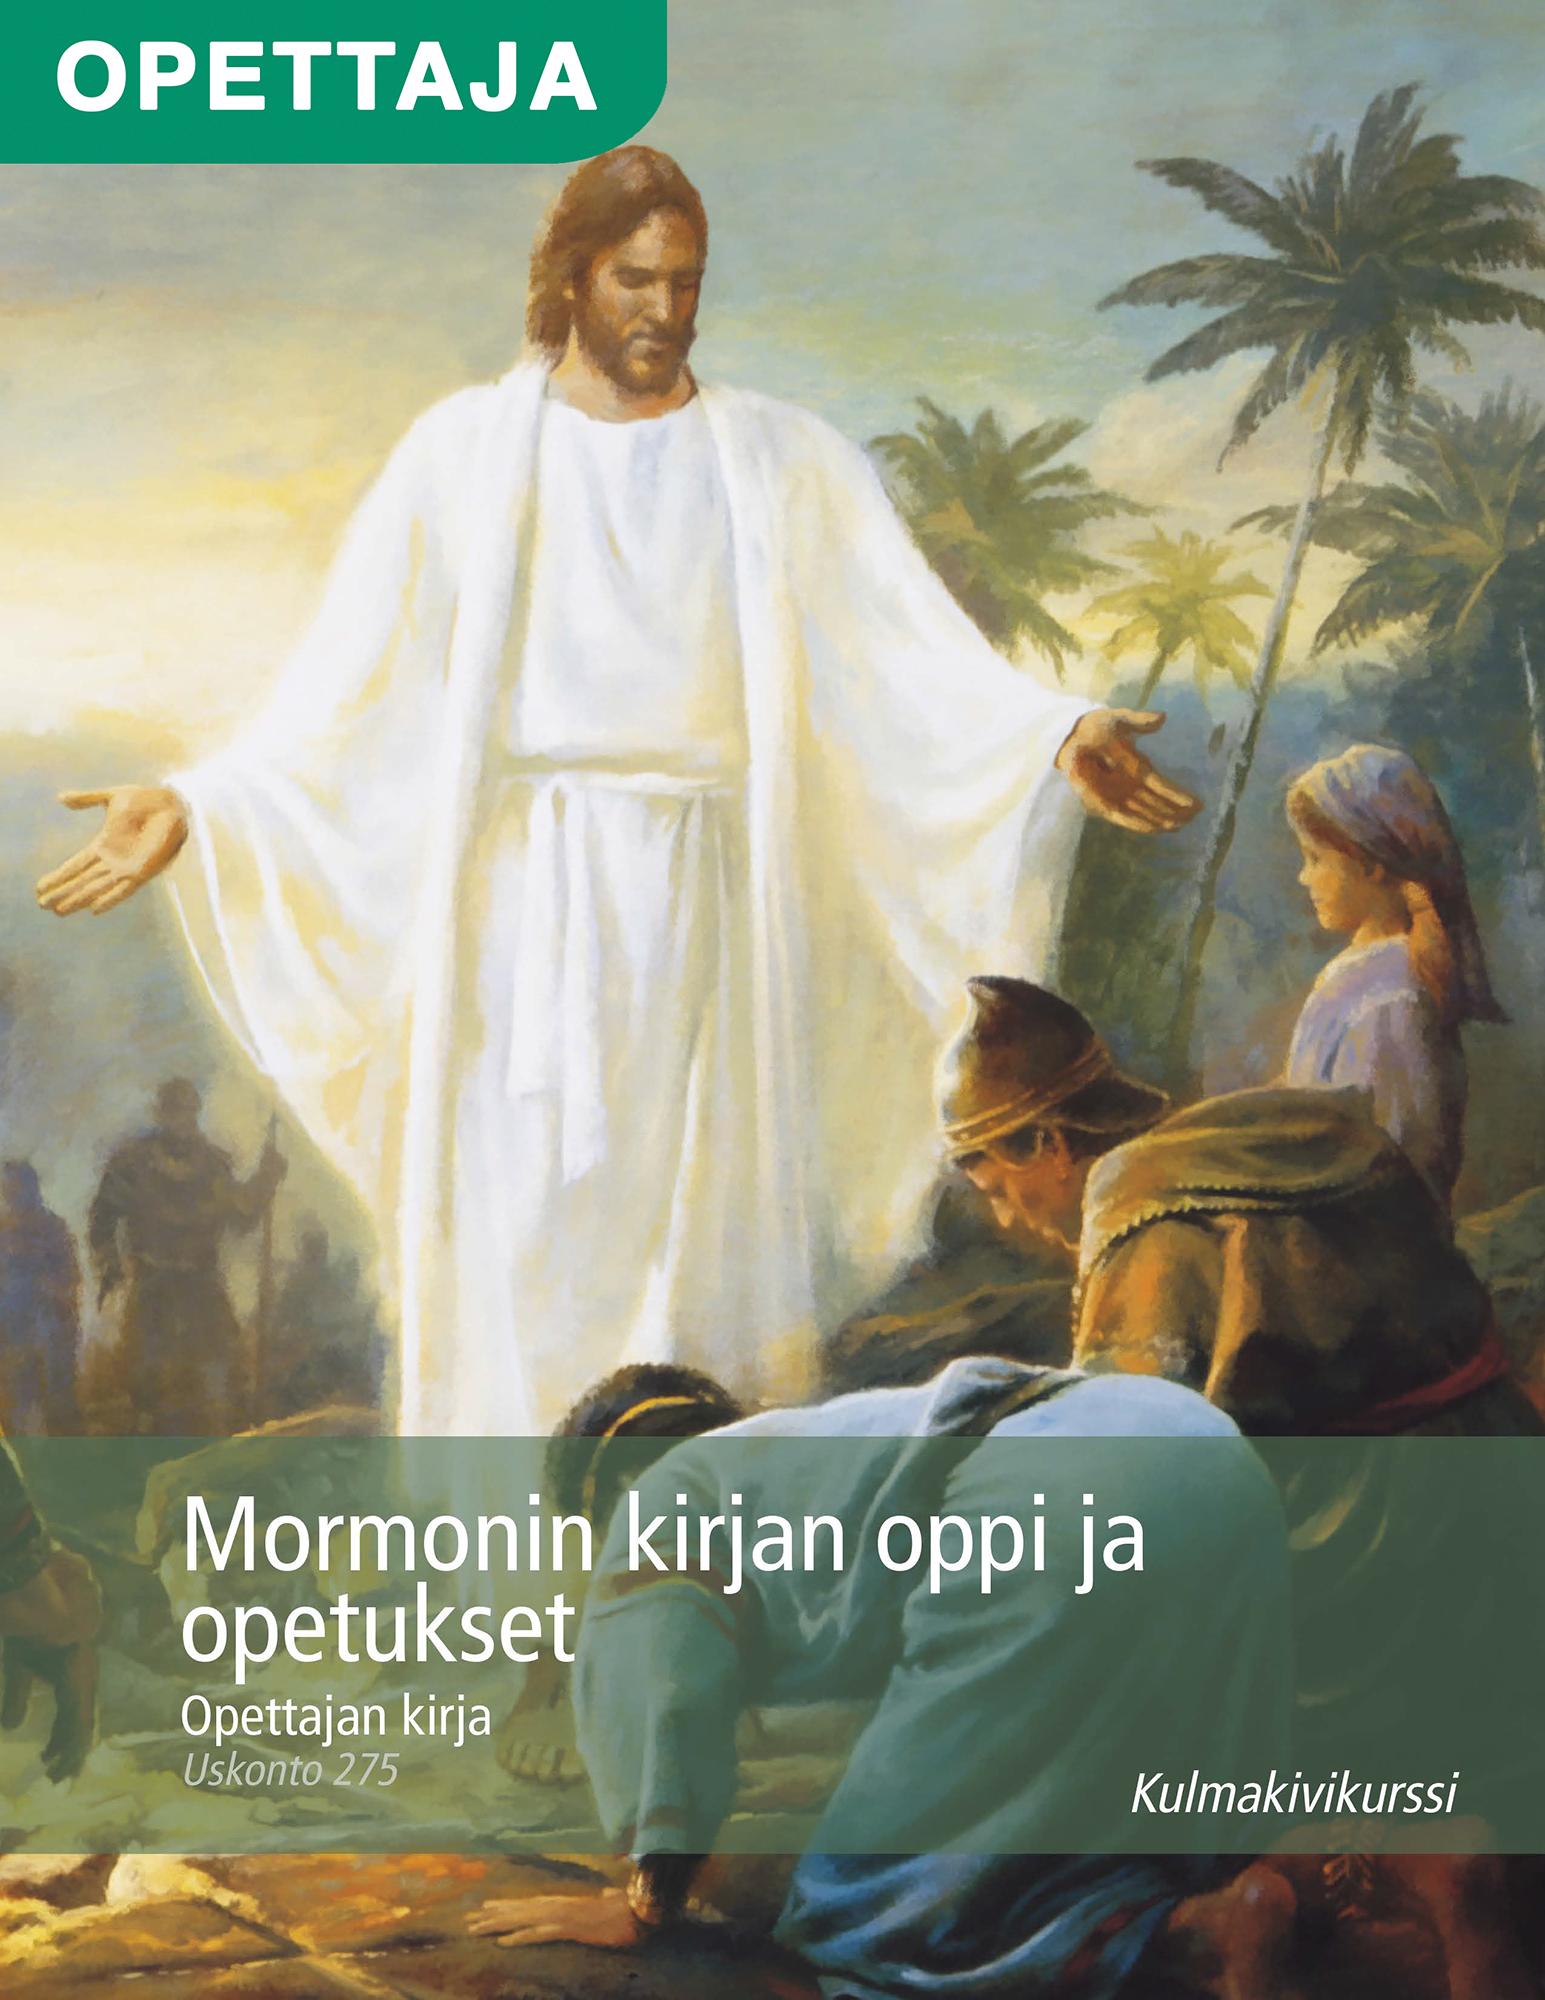 Mormonin kirjan oppi ja opetukset, opettajan kirja (Uskonto 275)